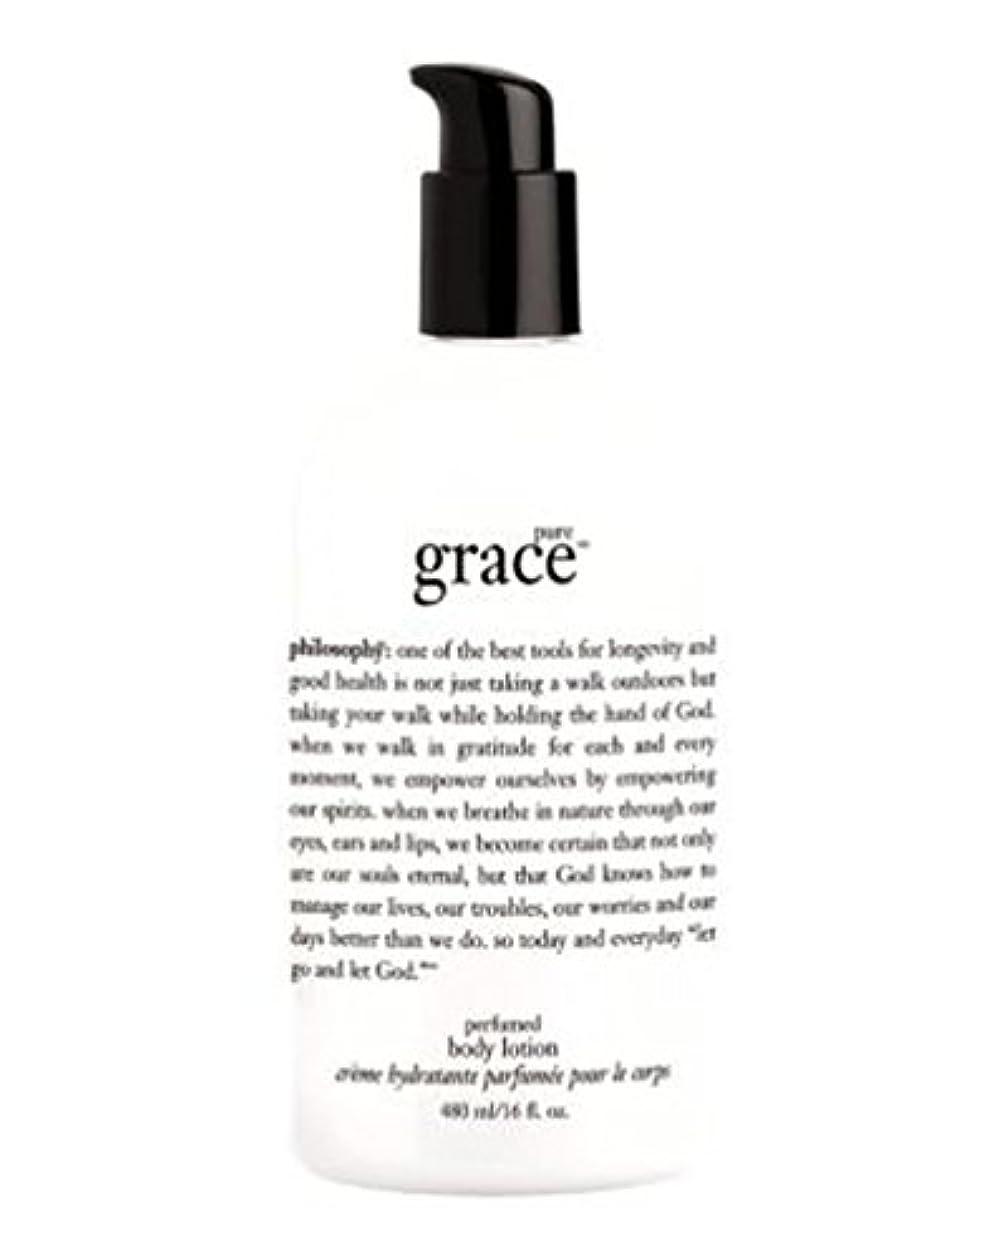 イーウェル薄汚い経験哲学純粋な恵みボディローション480ミリリットル (Philosophy) (x2) - philosophy pure grace body lotion 480ml (Pack of 2) [並行輸入品]